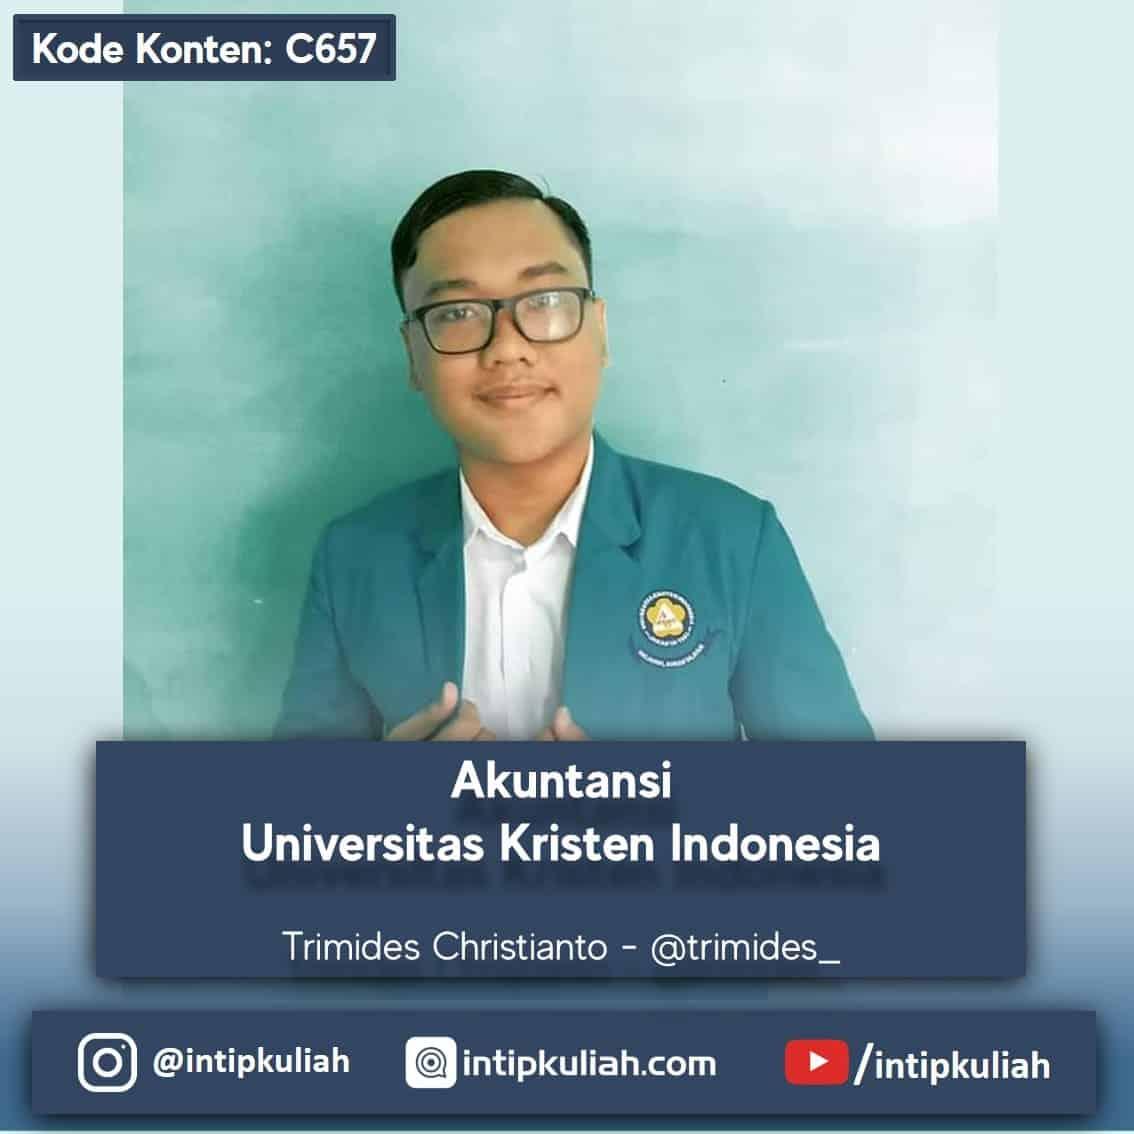 Akuntansi Universitas Kristen Indonesia (Trimides)